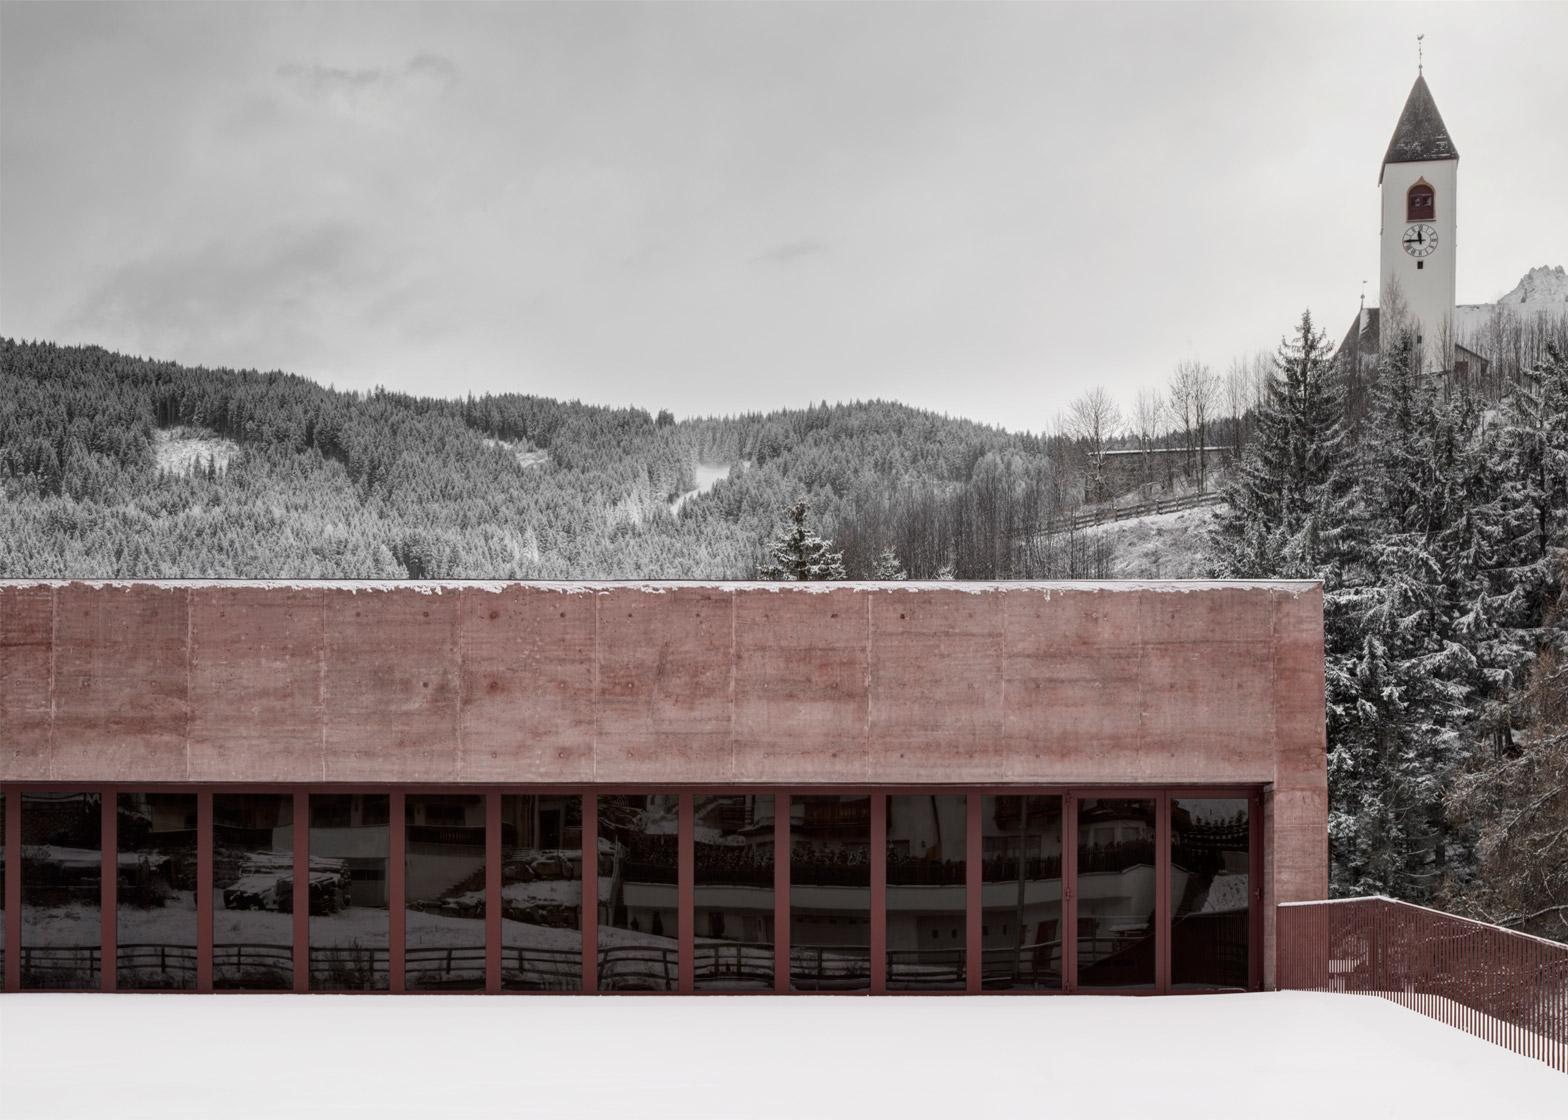 Feuerwehr Vierschach by Pedevilla Architecs